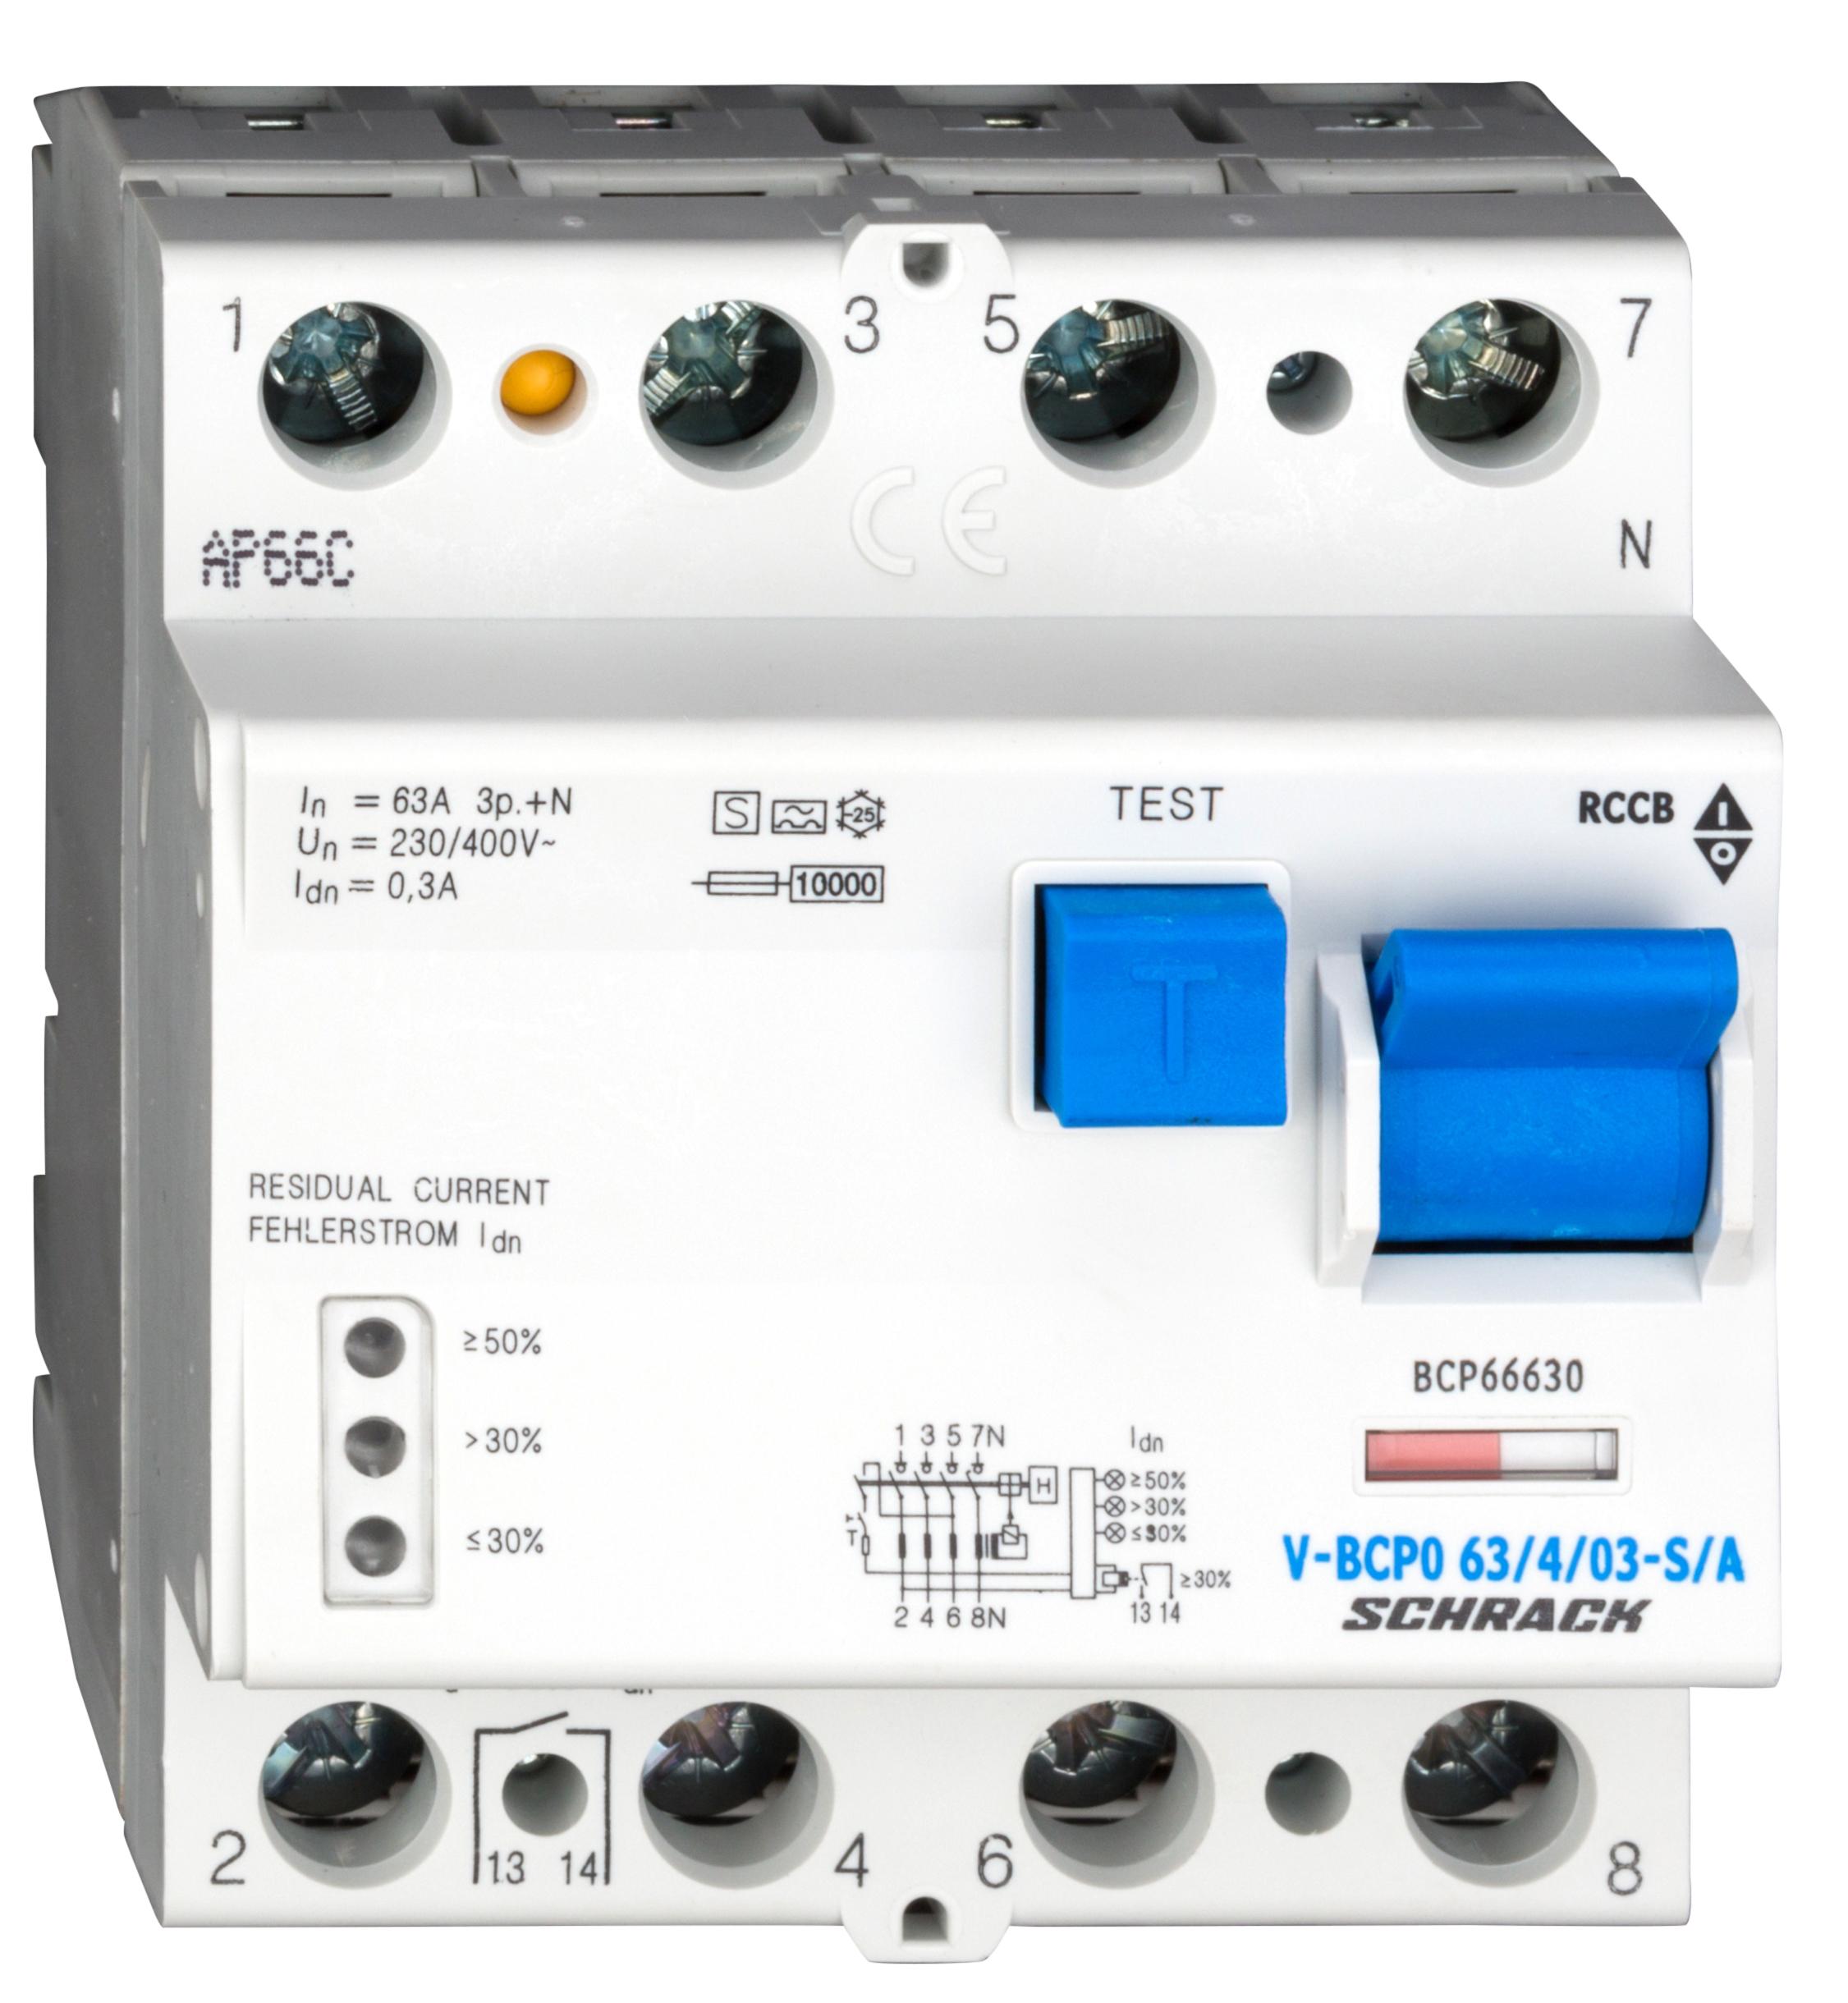 1 Stk PRIORI FI-Schalter 63A, 4-pol, 300mA, vsf, Bauart S, Typ A BCP66630--